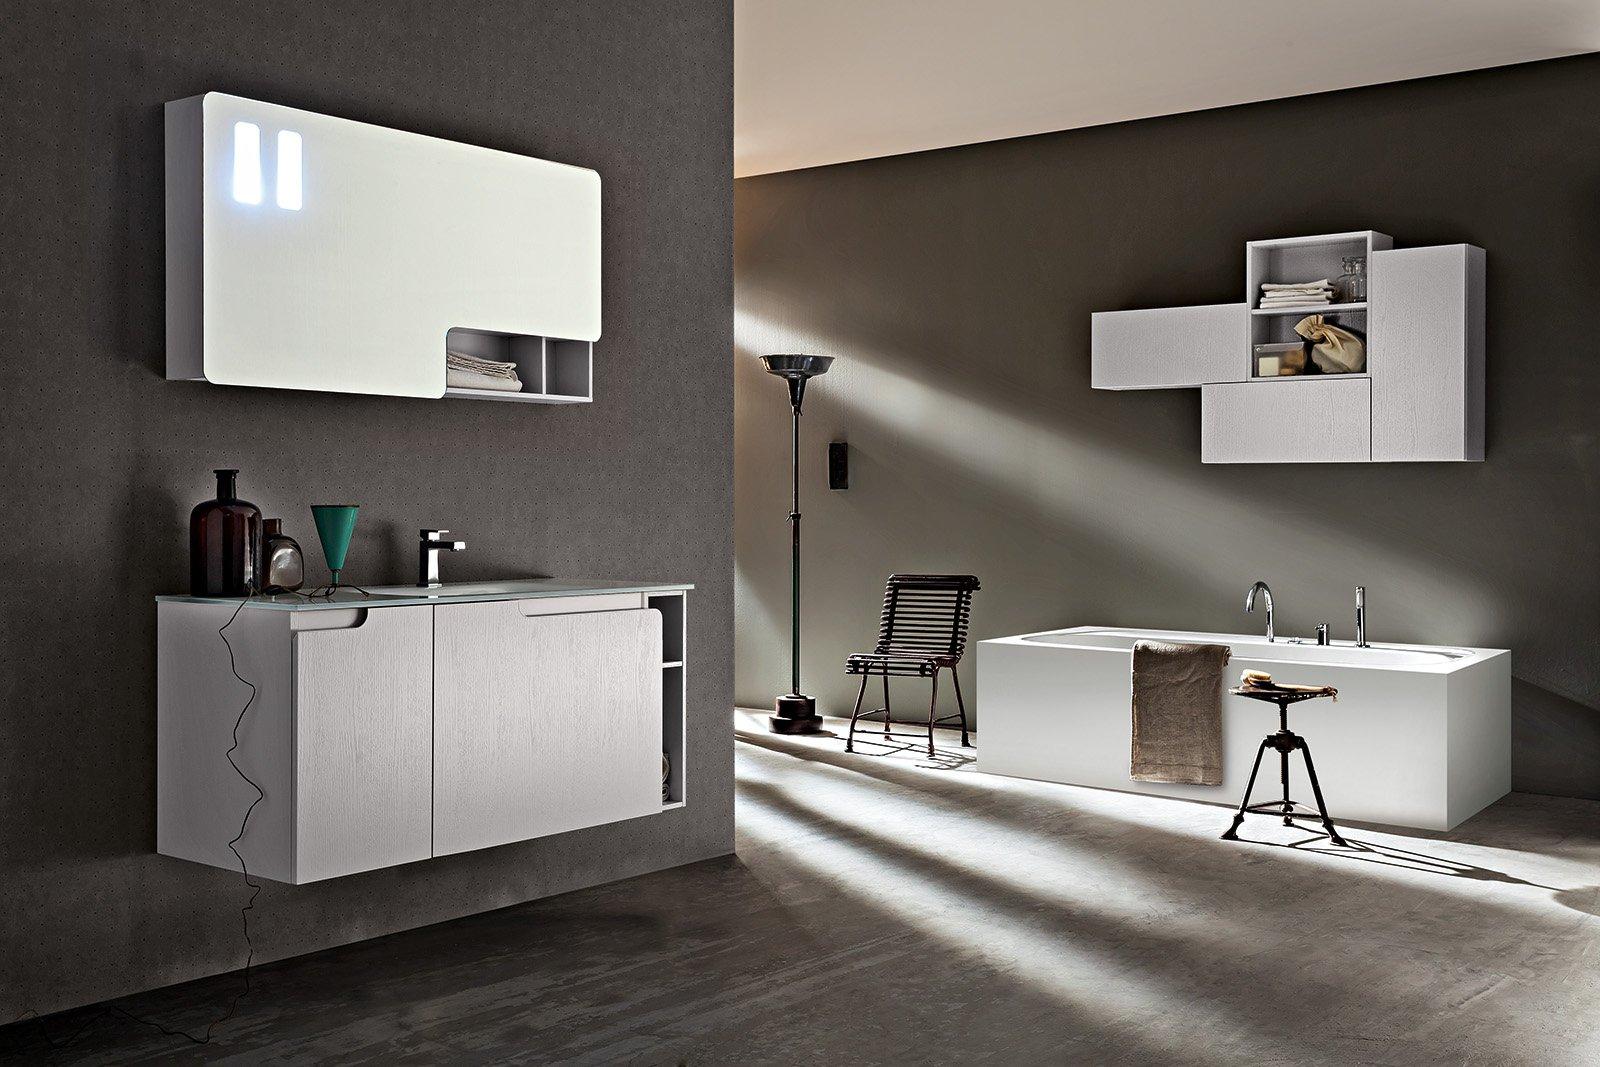 specchi per il bagno - cose di casa - Luce In Bagno Come Sceglierla